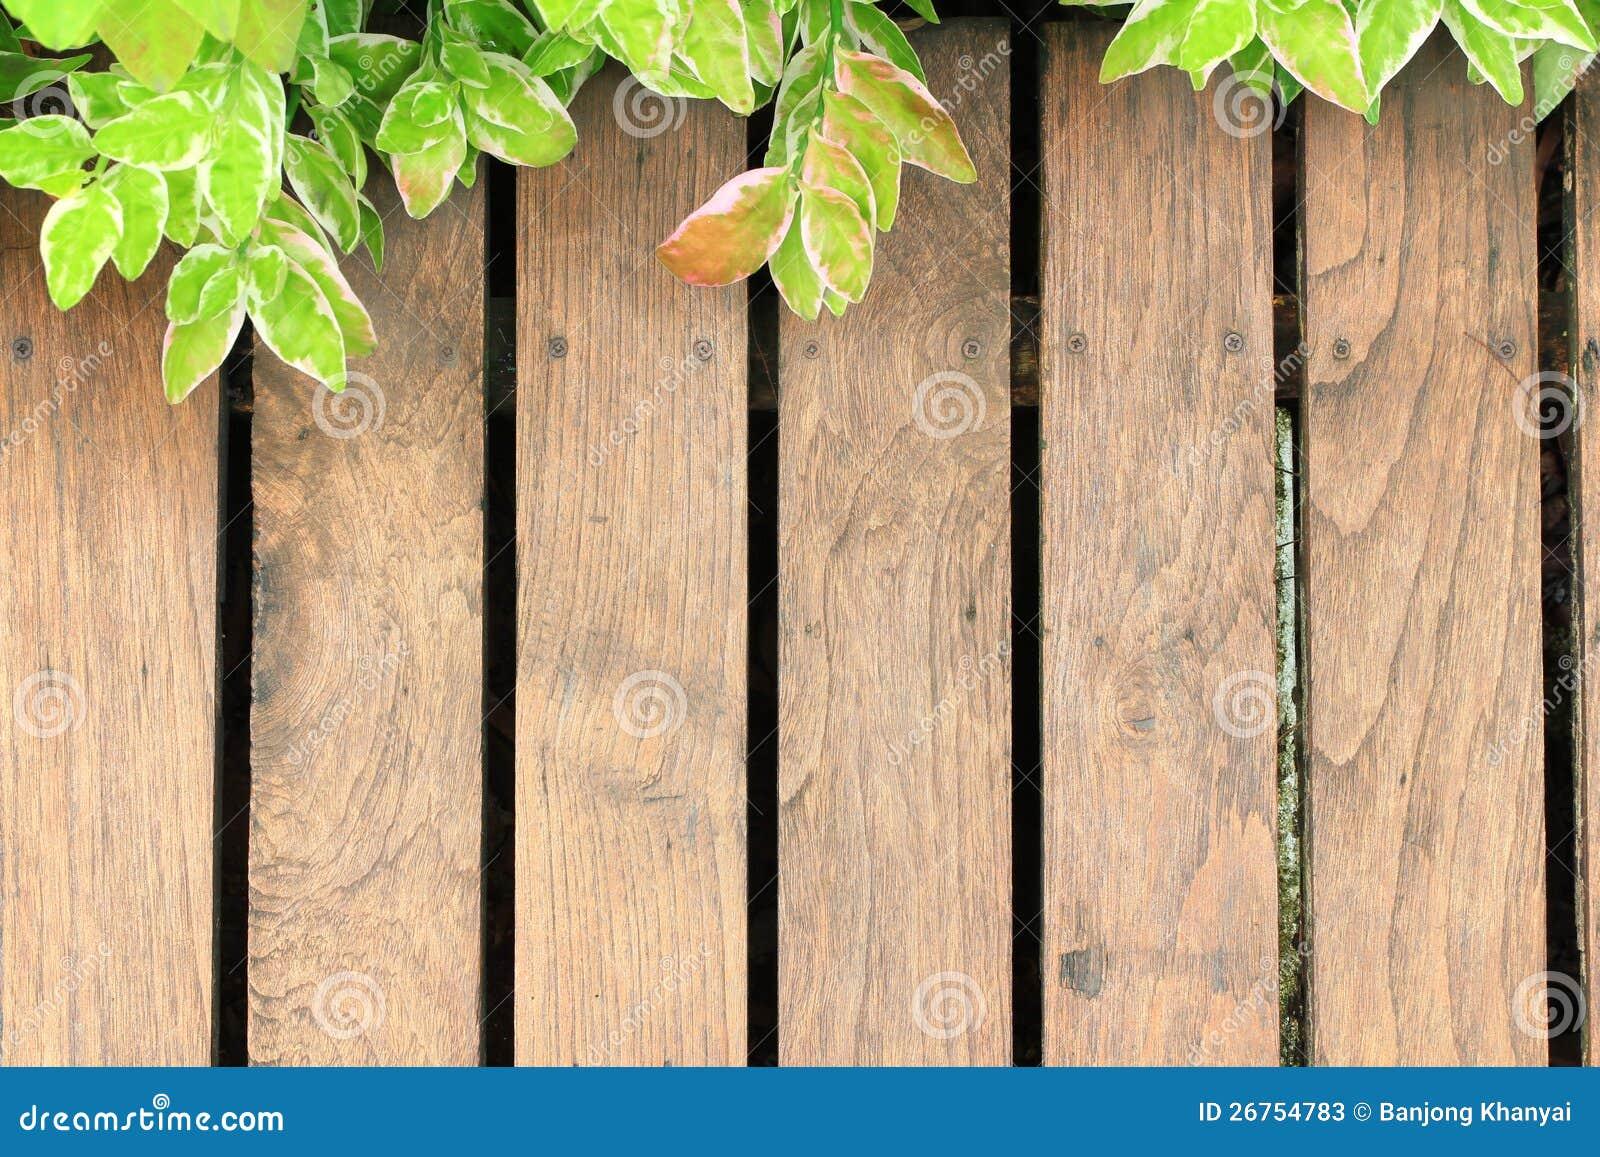 Παλαιός ξύλινος με πράσινο βγάζει φύλλα